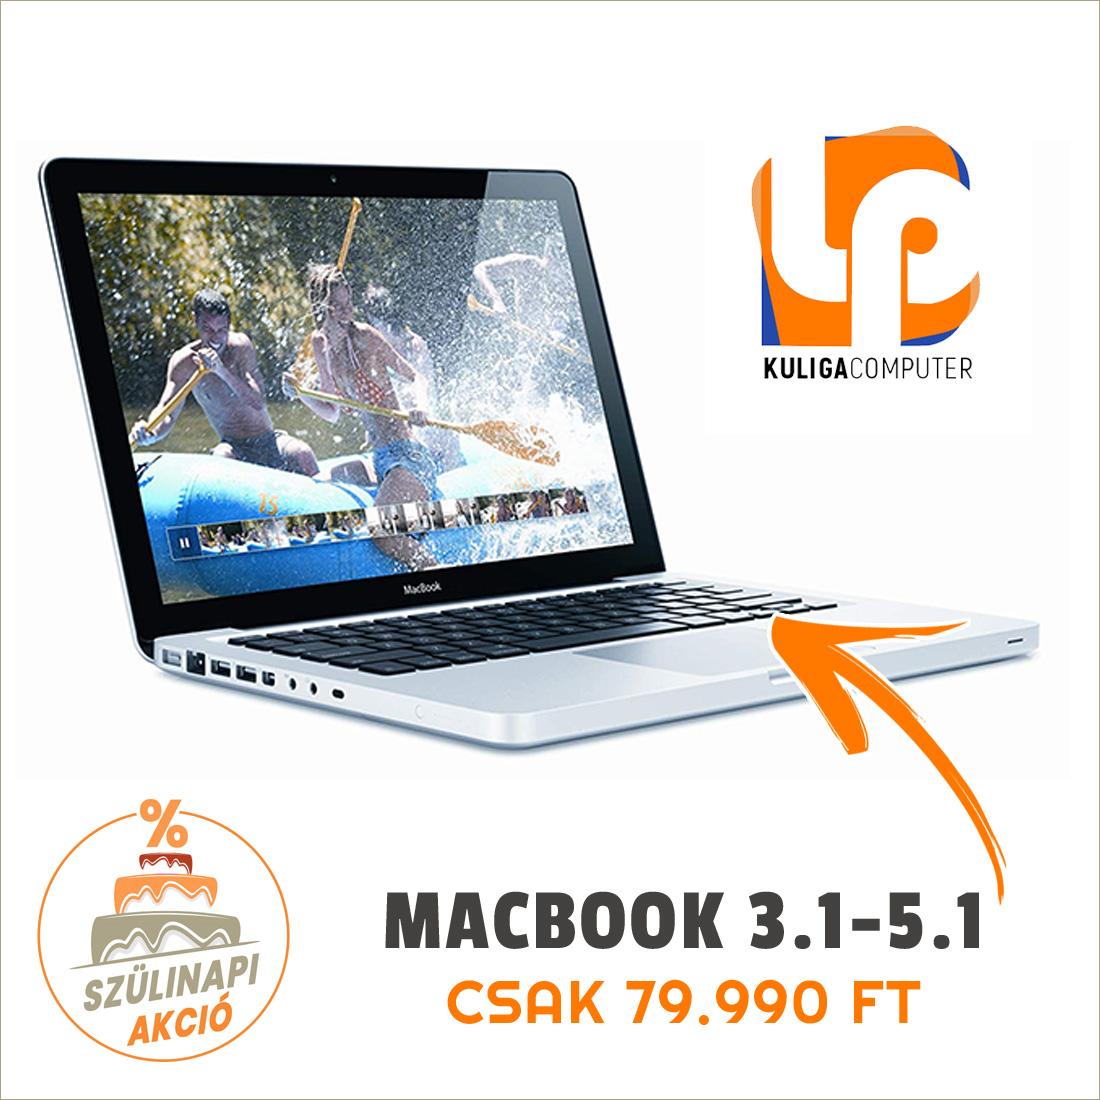 macbook 31